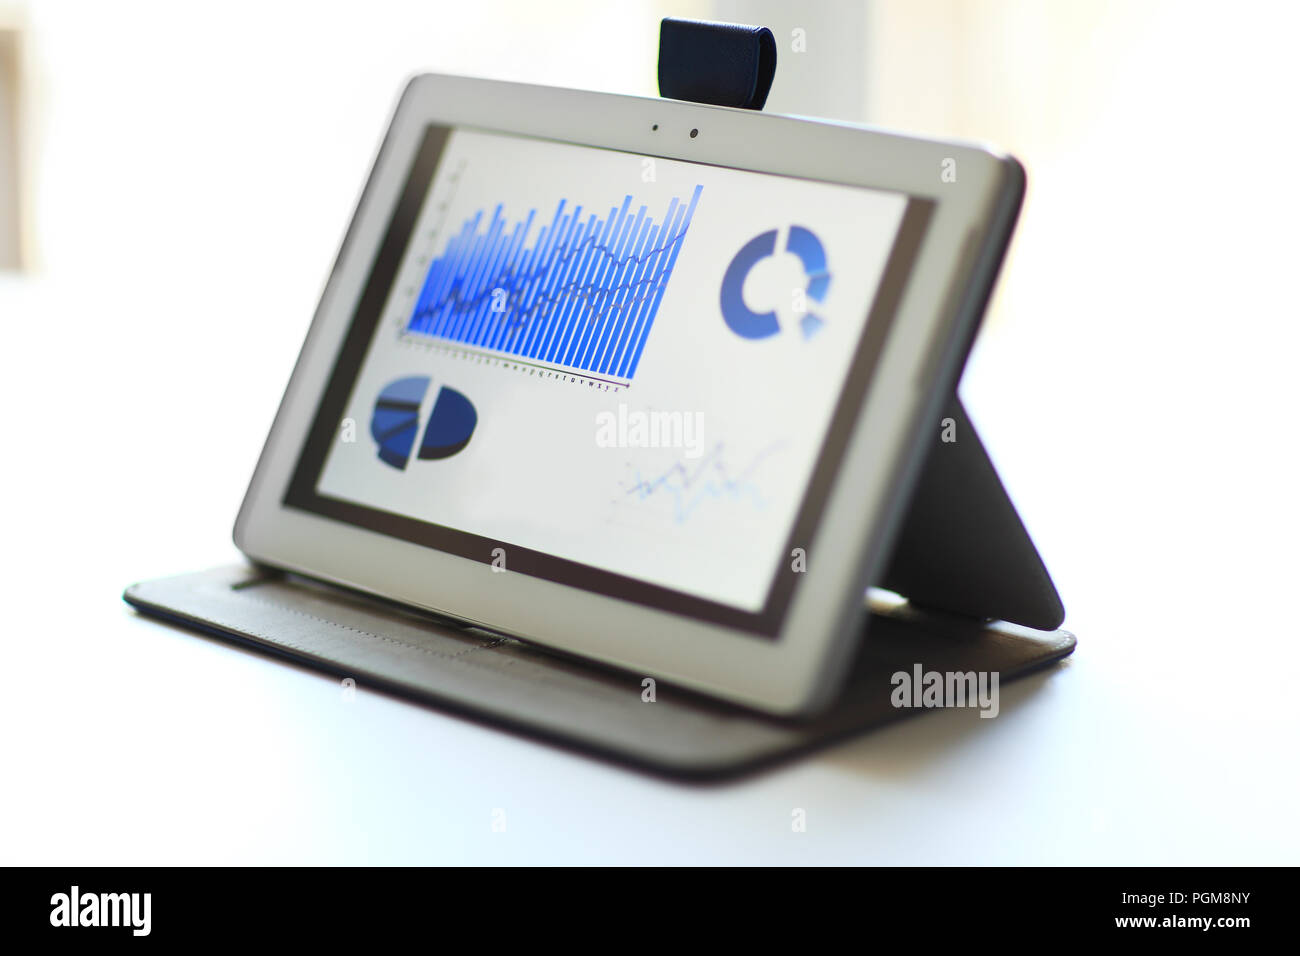 Imagen de una oficina de trabajo con el documento, el touchpad Imagen De Stock